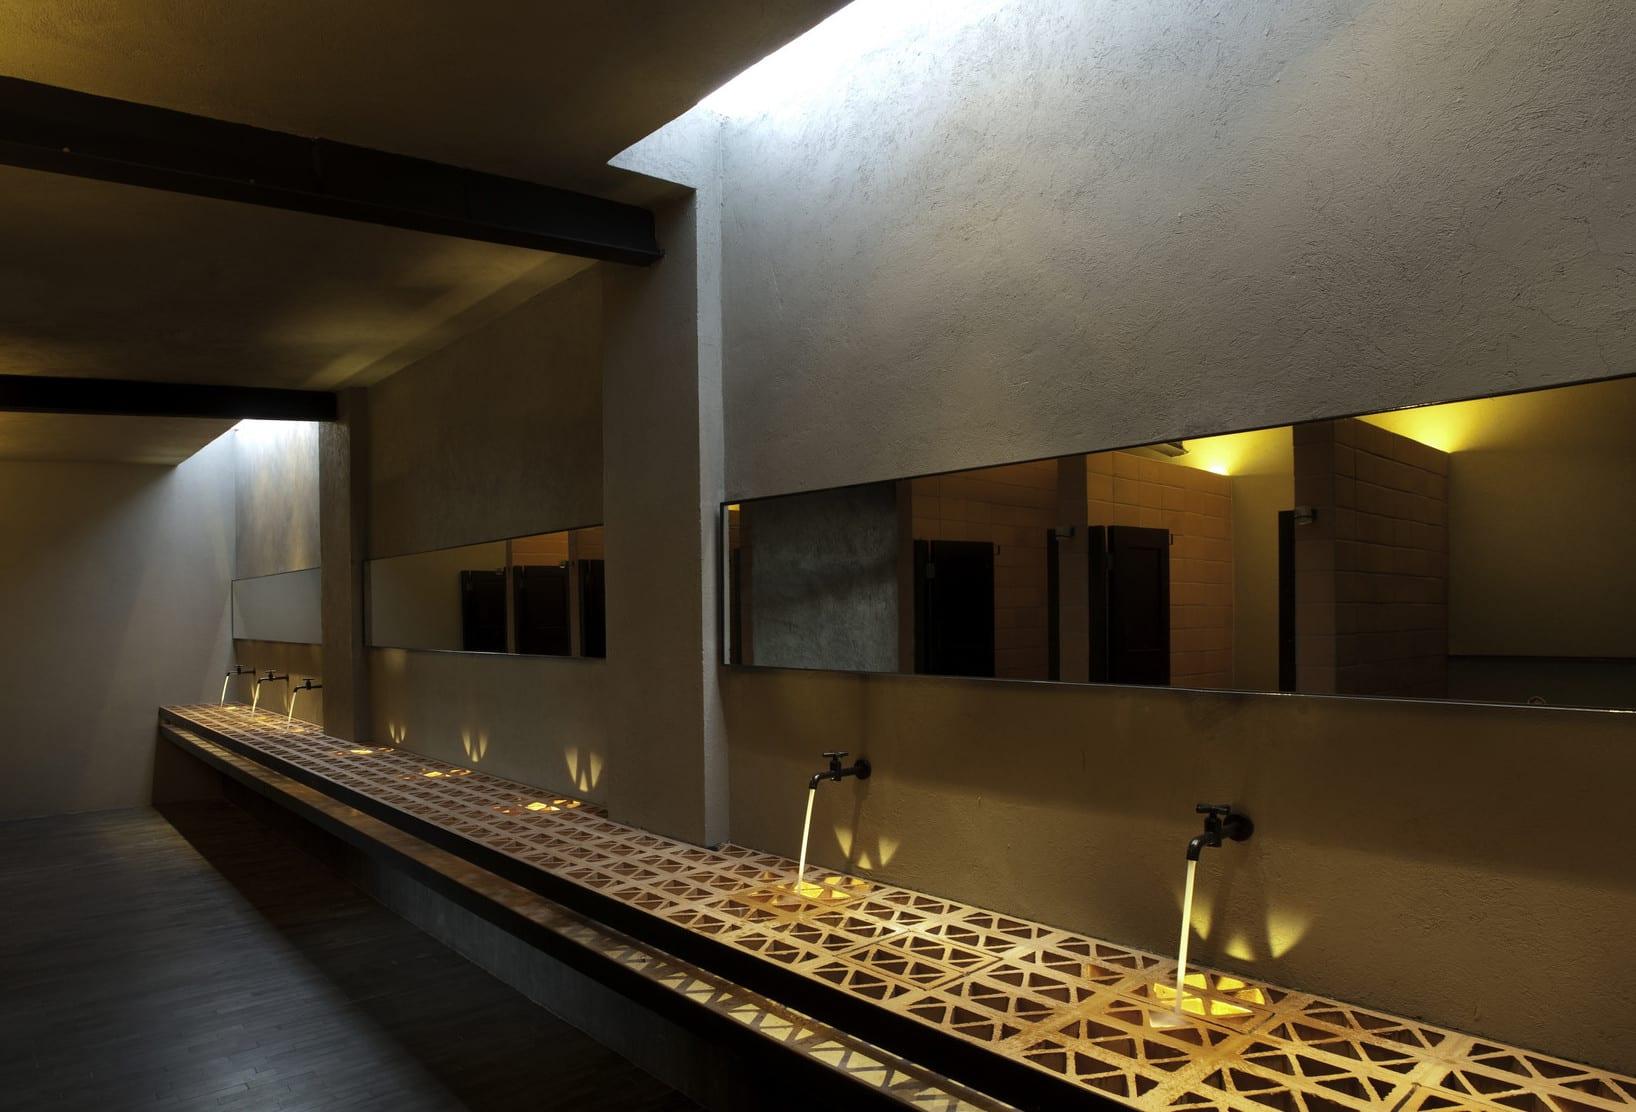 kreative badezimmer inspiration für effektvolle lichtgestaltung